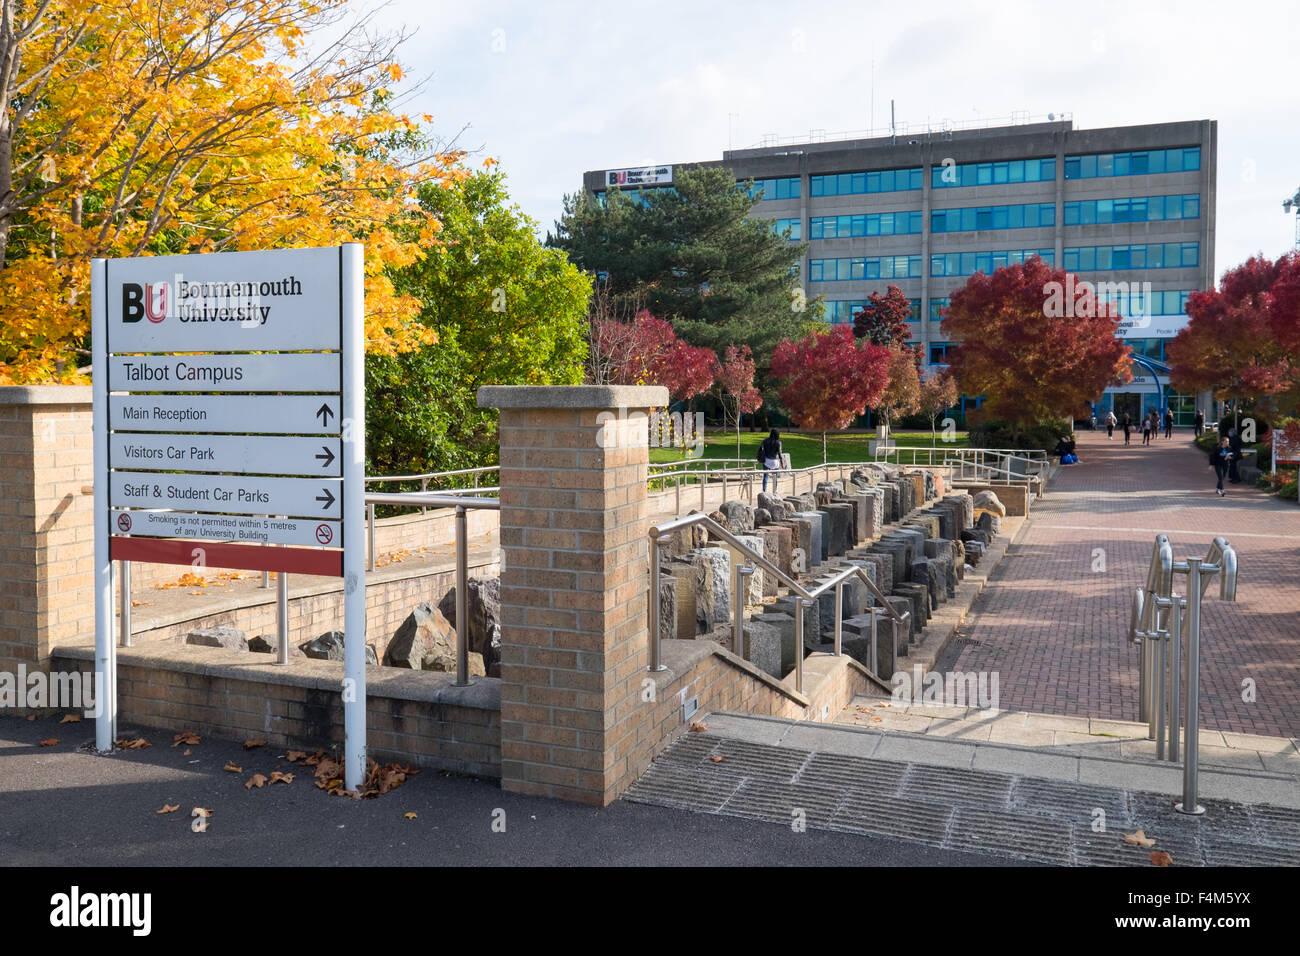 L'extérieur de l'Université de Bournemouth, Dorset, UK Photo Stock